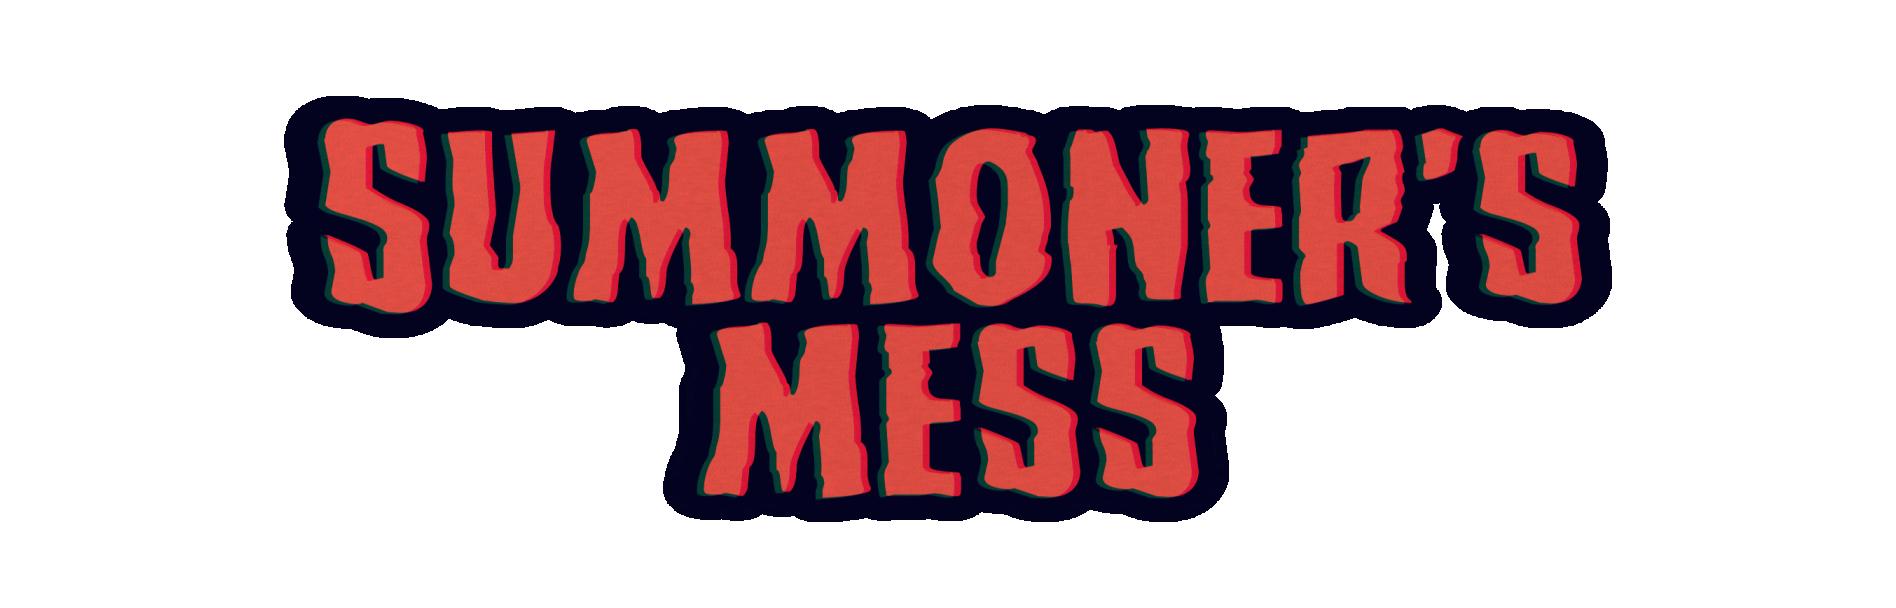 Summoner's Mess